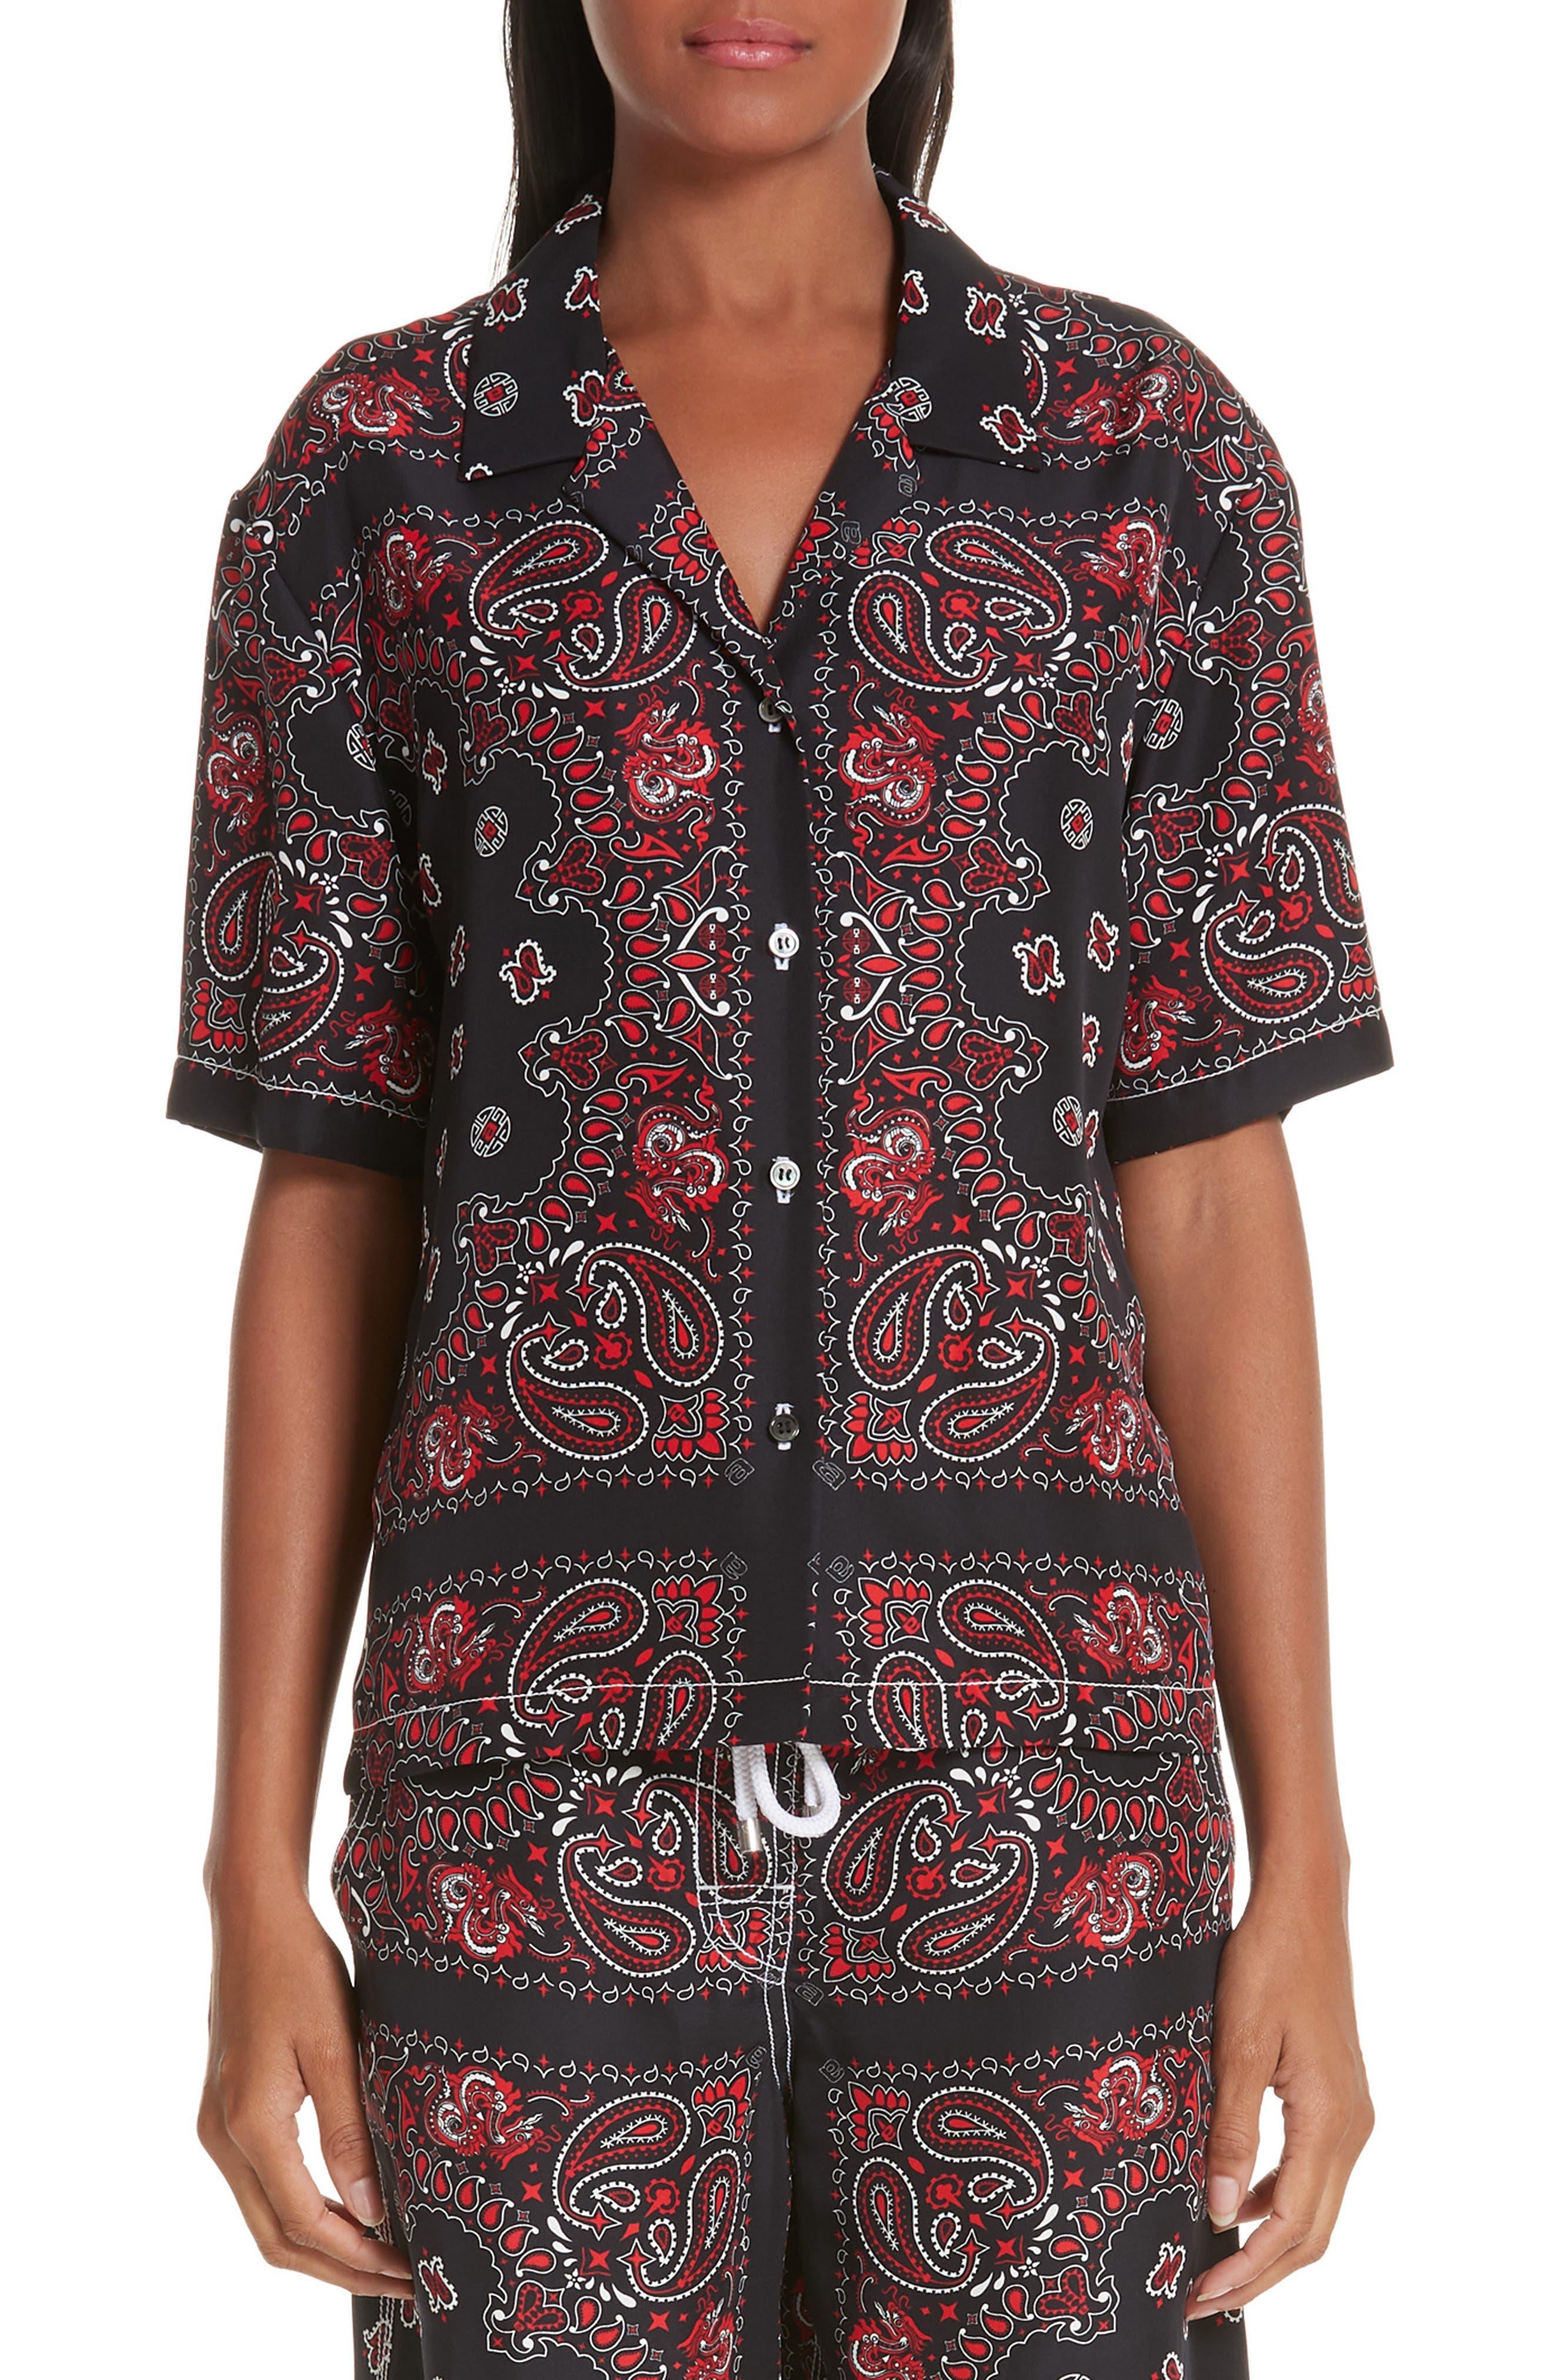 ALEXANDER WANG,                             Bandana Print Silk Shirt,                             Main thumbnail 1, color,                             BLACK/ RED